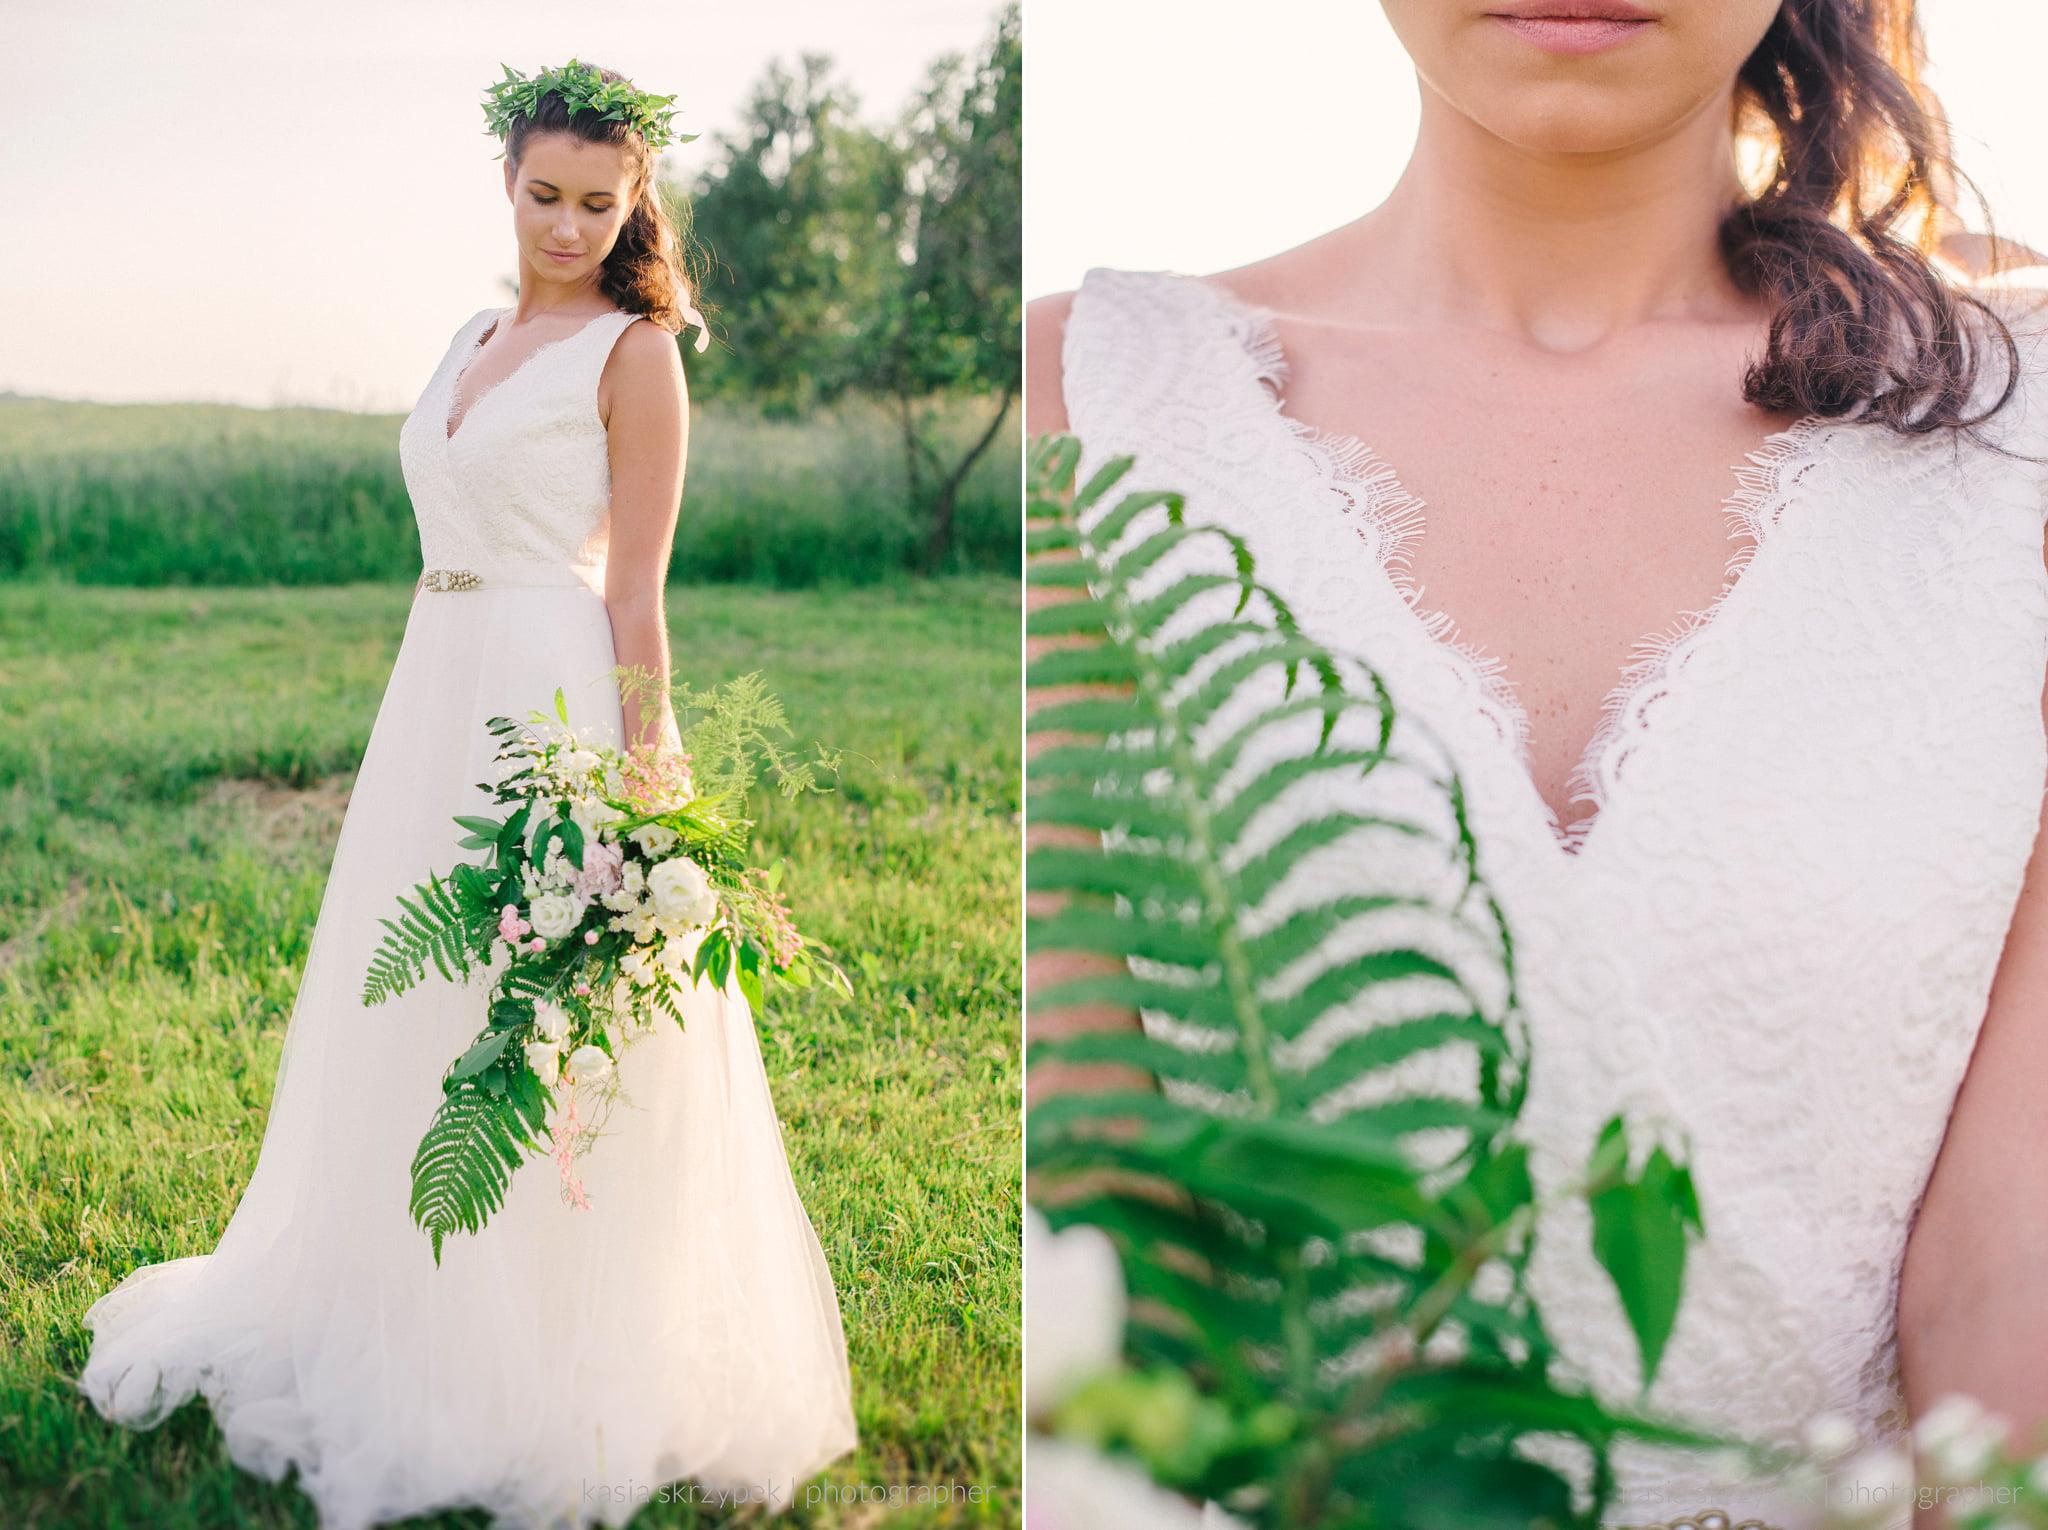 Blog-Botanical-Wedding-Styled-Shoot-20